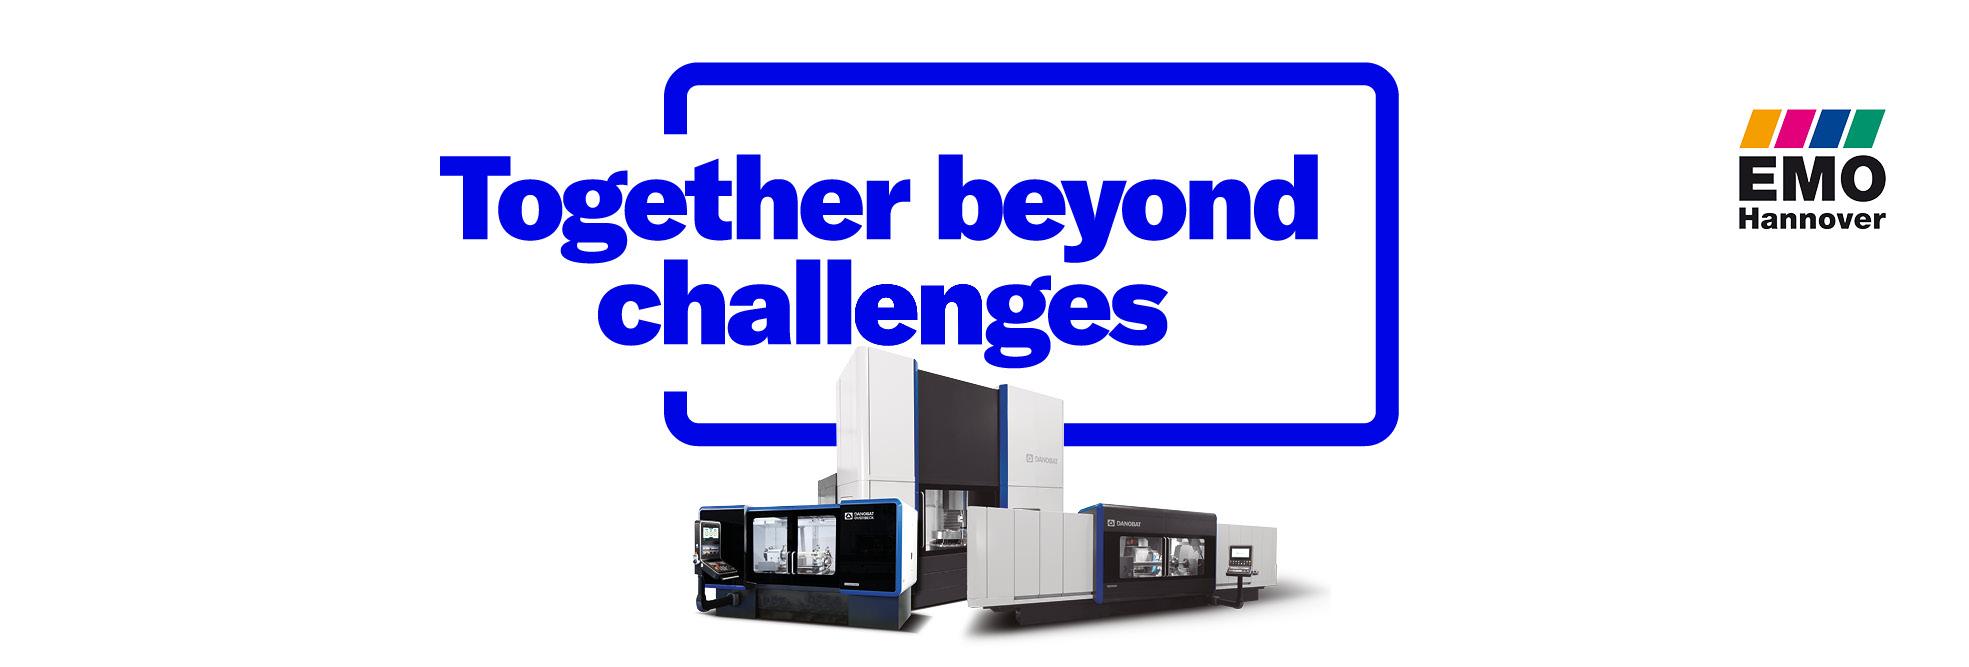 Danobat presenta sus soluciones en el ámbito de la precisión y la digitalización en la EMO de Hanover